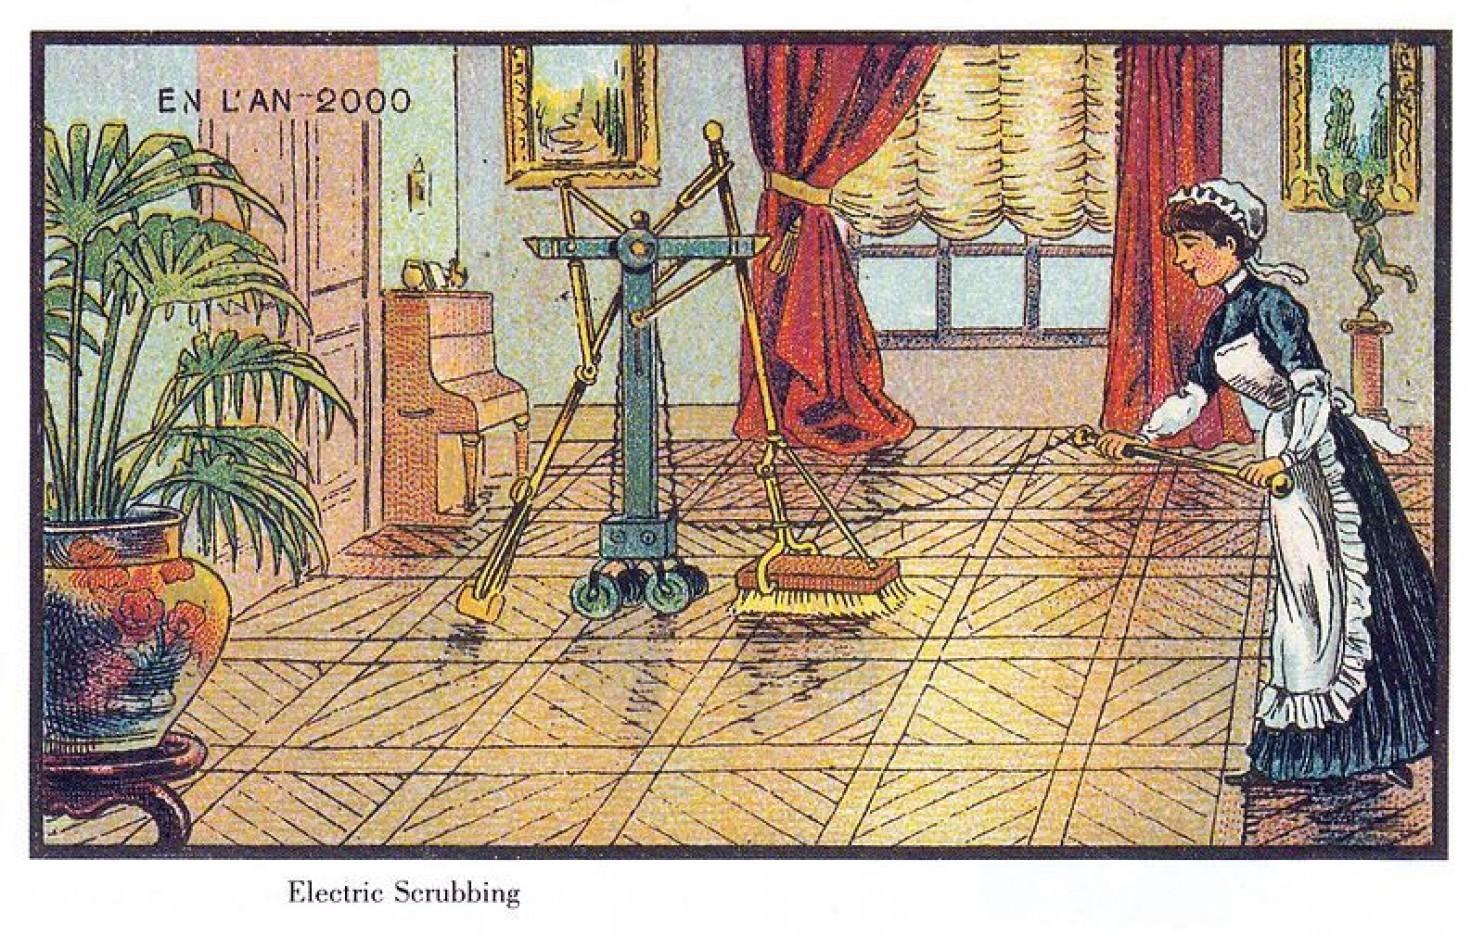 como imaginaban el futuro en 1900 ilustraciones 1